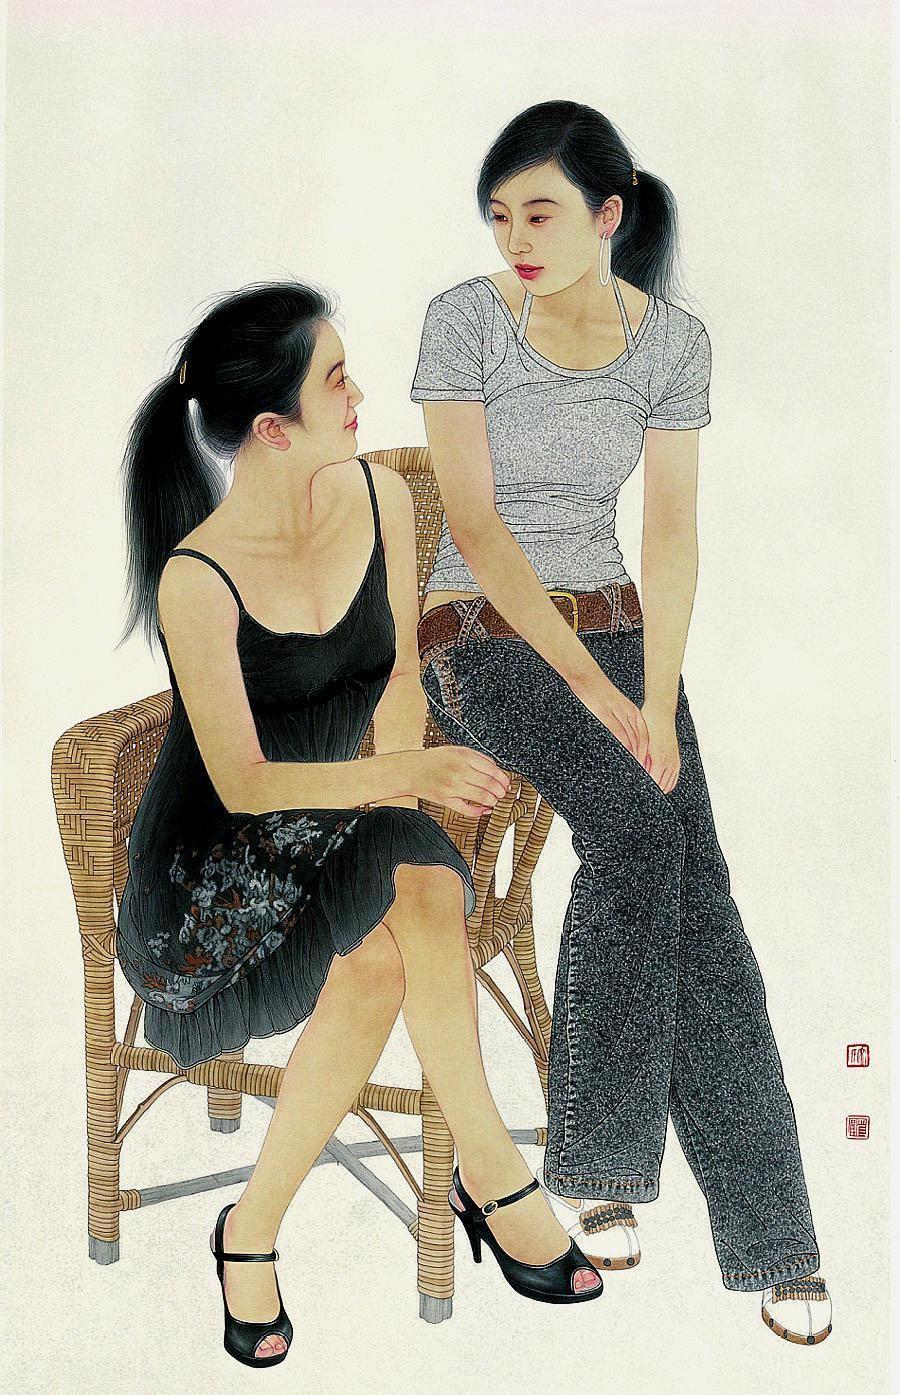 个性鲜明,引人注目,宋彦军11幅工笔女性人物画欣赏